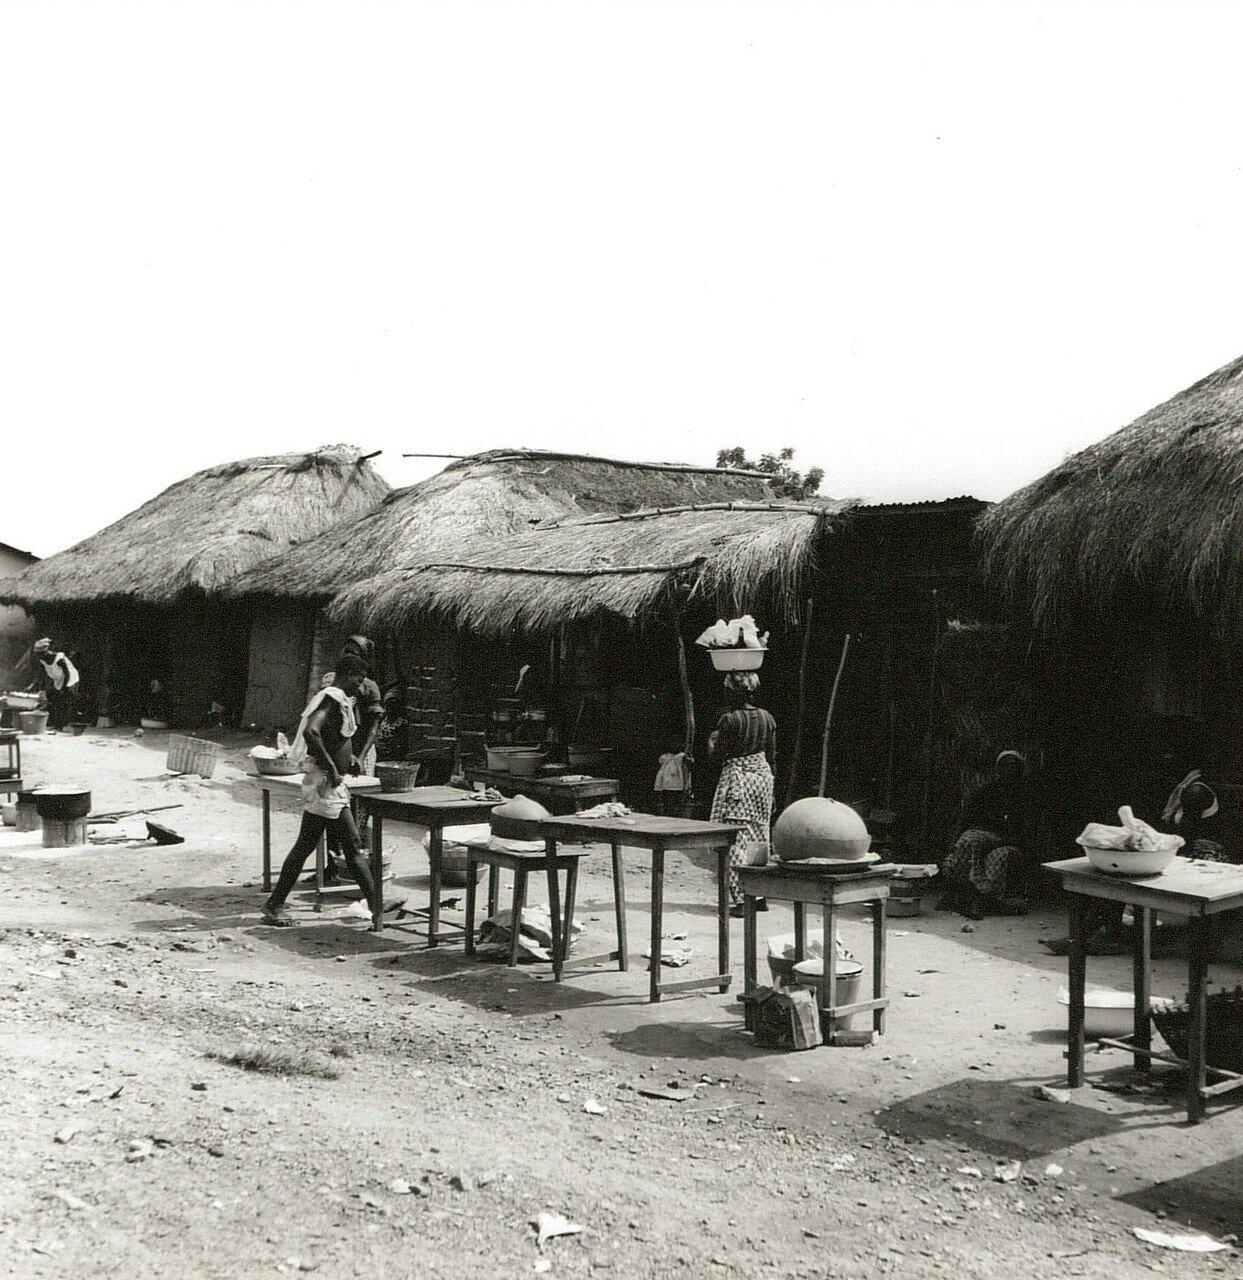 Гана. Деревня в саванне. Повседневная жизнь